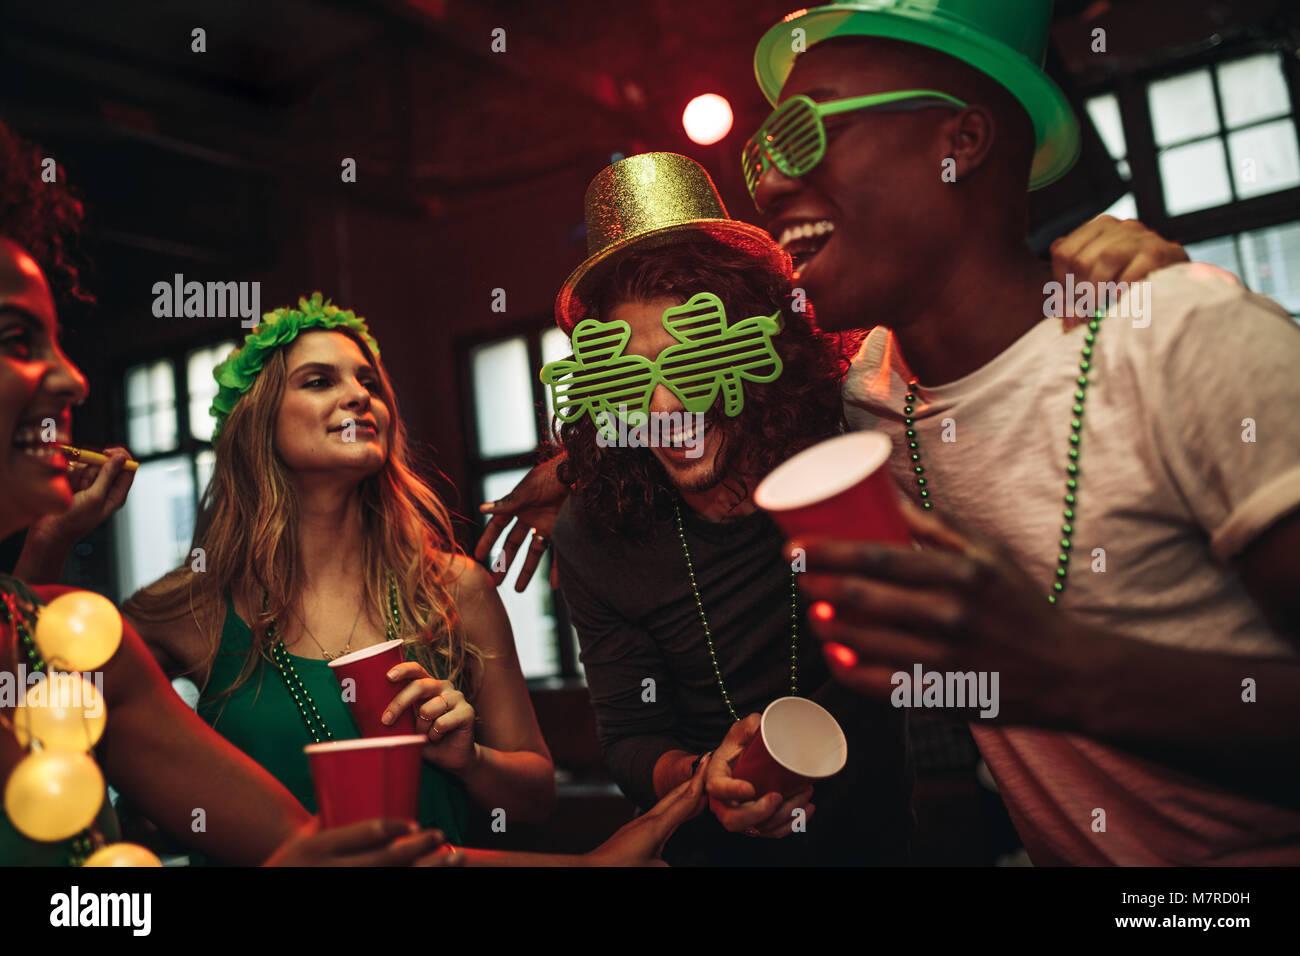 Gruppe junger Männer und Frauen feiern St. Patrick's Day. Freunde Spaß haben an der Bar mit grünen Stockbild